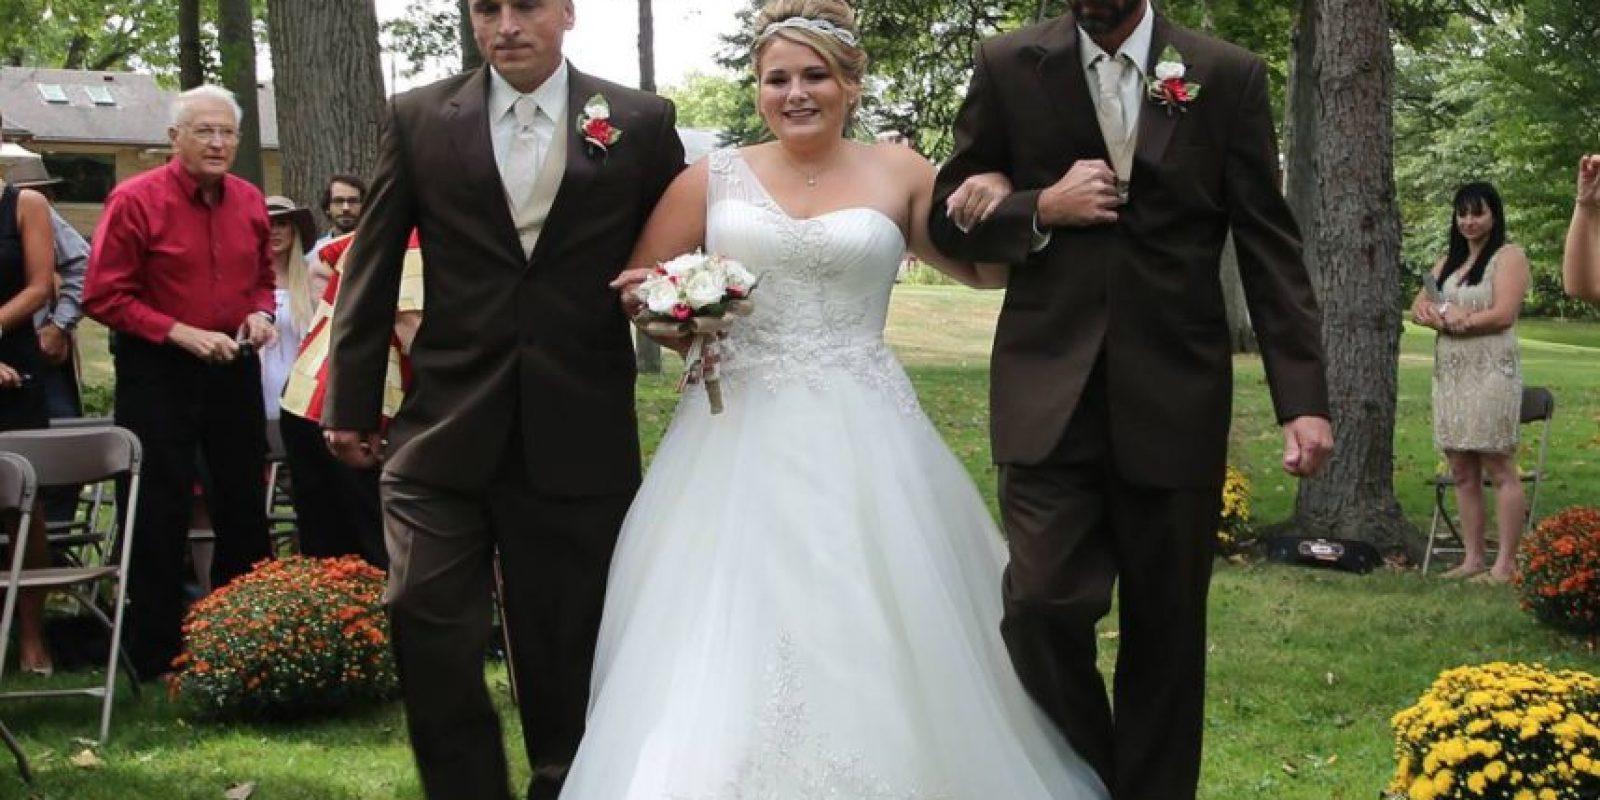 Por esa decisión el padre y el padrastro pudieron acompañar hasta al altar a su hija Foto:Vía facebook.com/DeliaDBlackburnPhotography